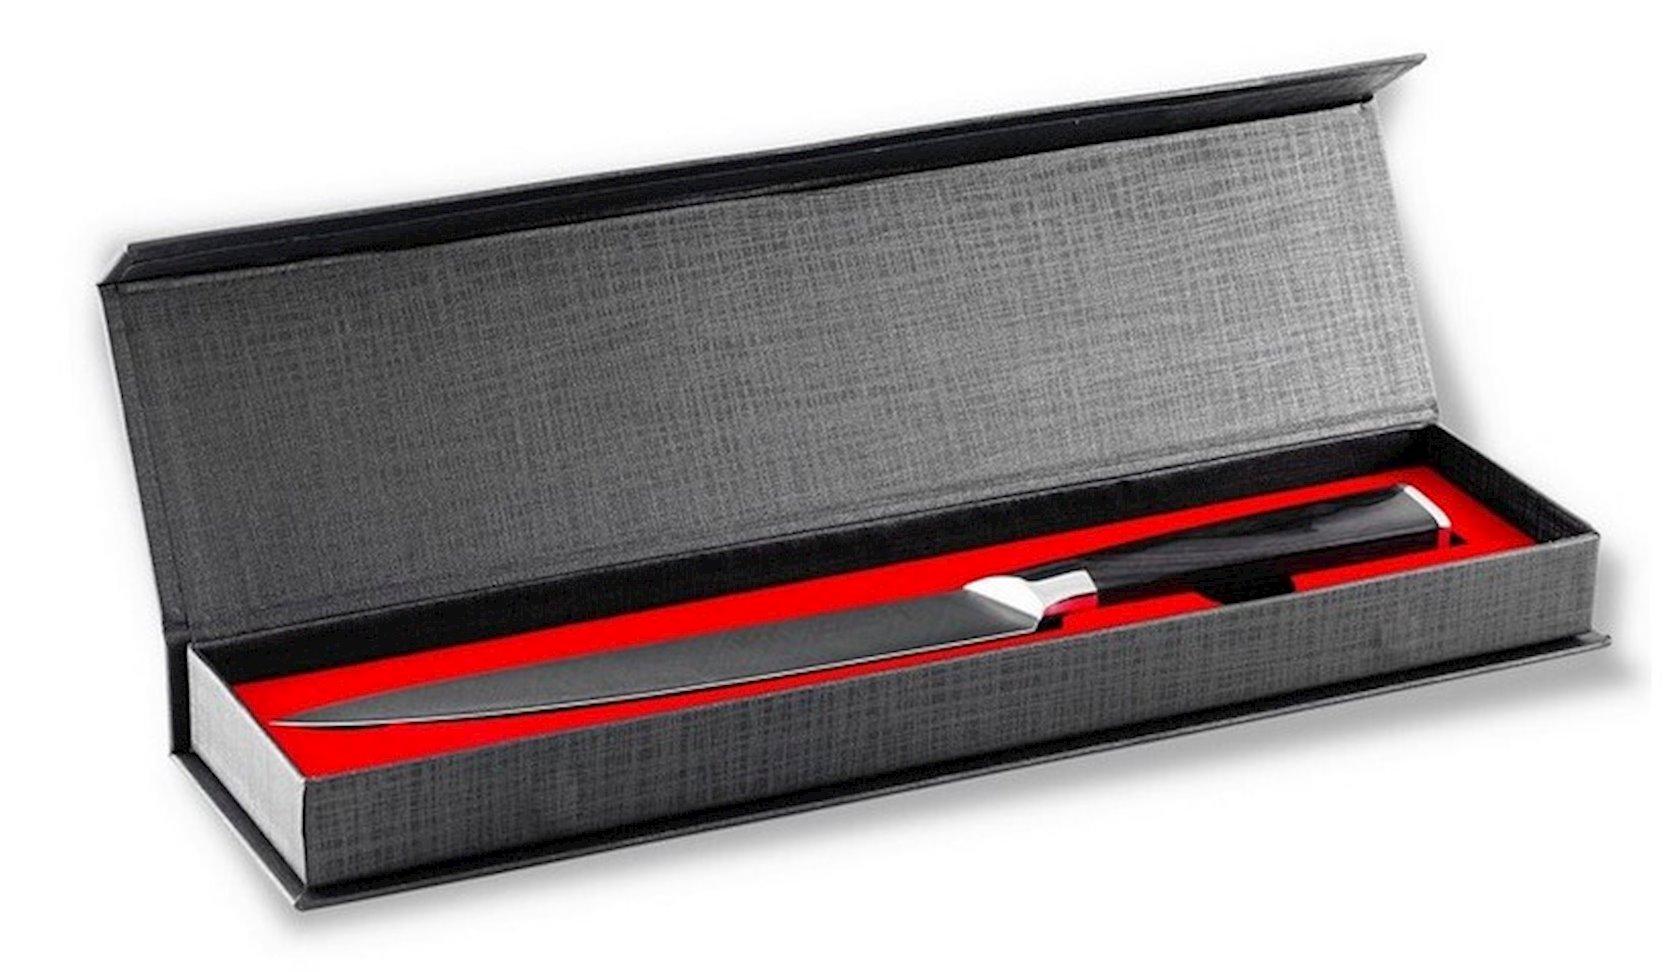 Mətbəx bıçağı Gipfel LAMINILI 9882 Ülgücün materialı: polad X50CrMoV15, Tutacağın materialı: polad, taxta laylı plastik, Qalınlıq: 2, 5mm